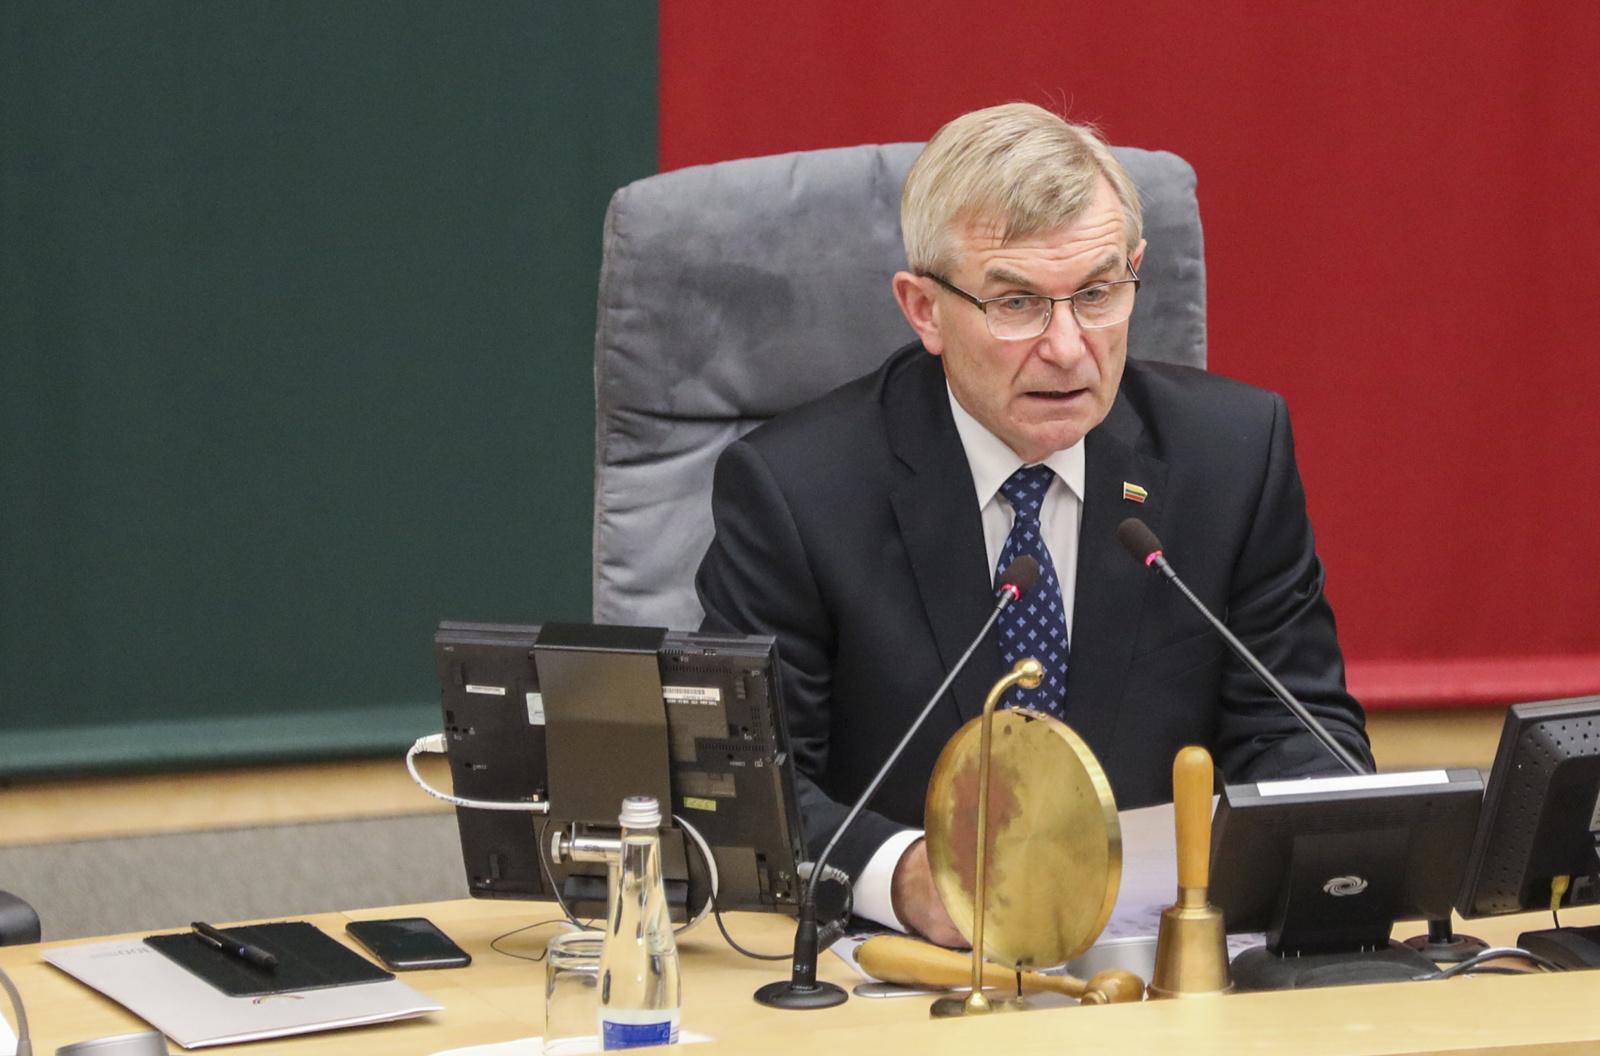 Bus vertinami V. Pranckiečio ir vėl pakartoti neteisėti veiksmai Seimo valdybos bei Seimo posėdžiuose